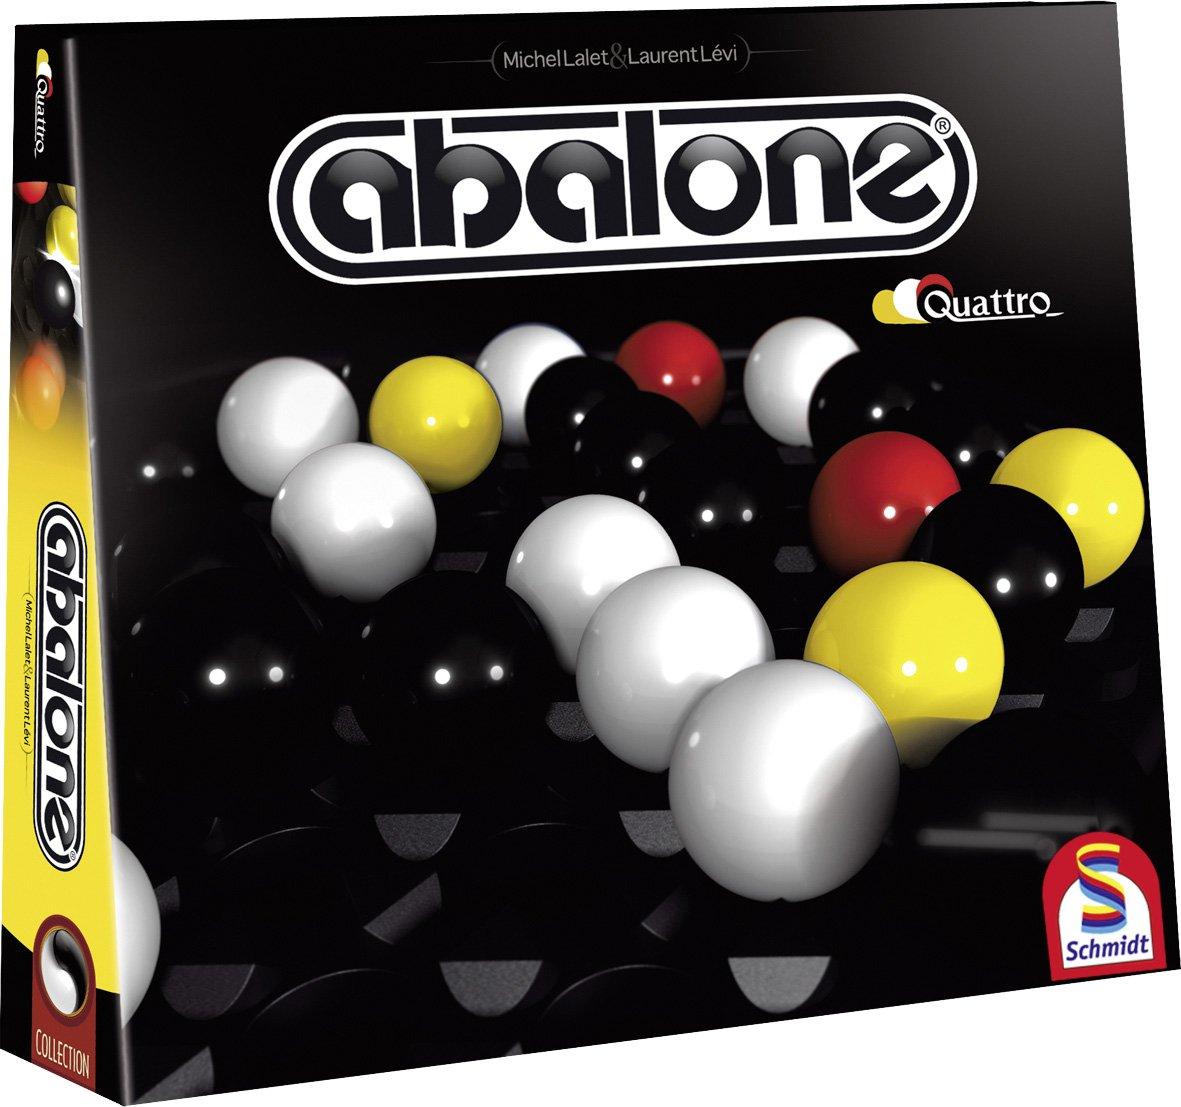 Schmidt Spiele 49297 - Abalone Quattro, Strategiespiel